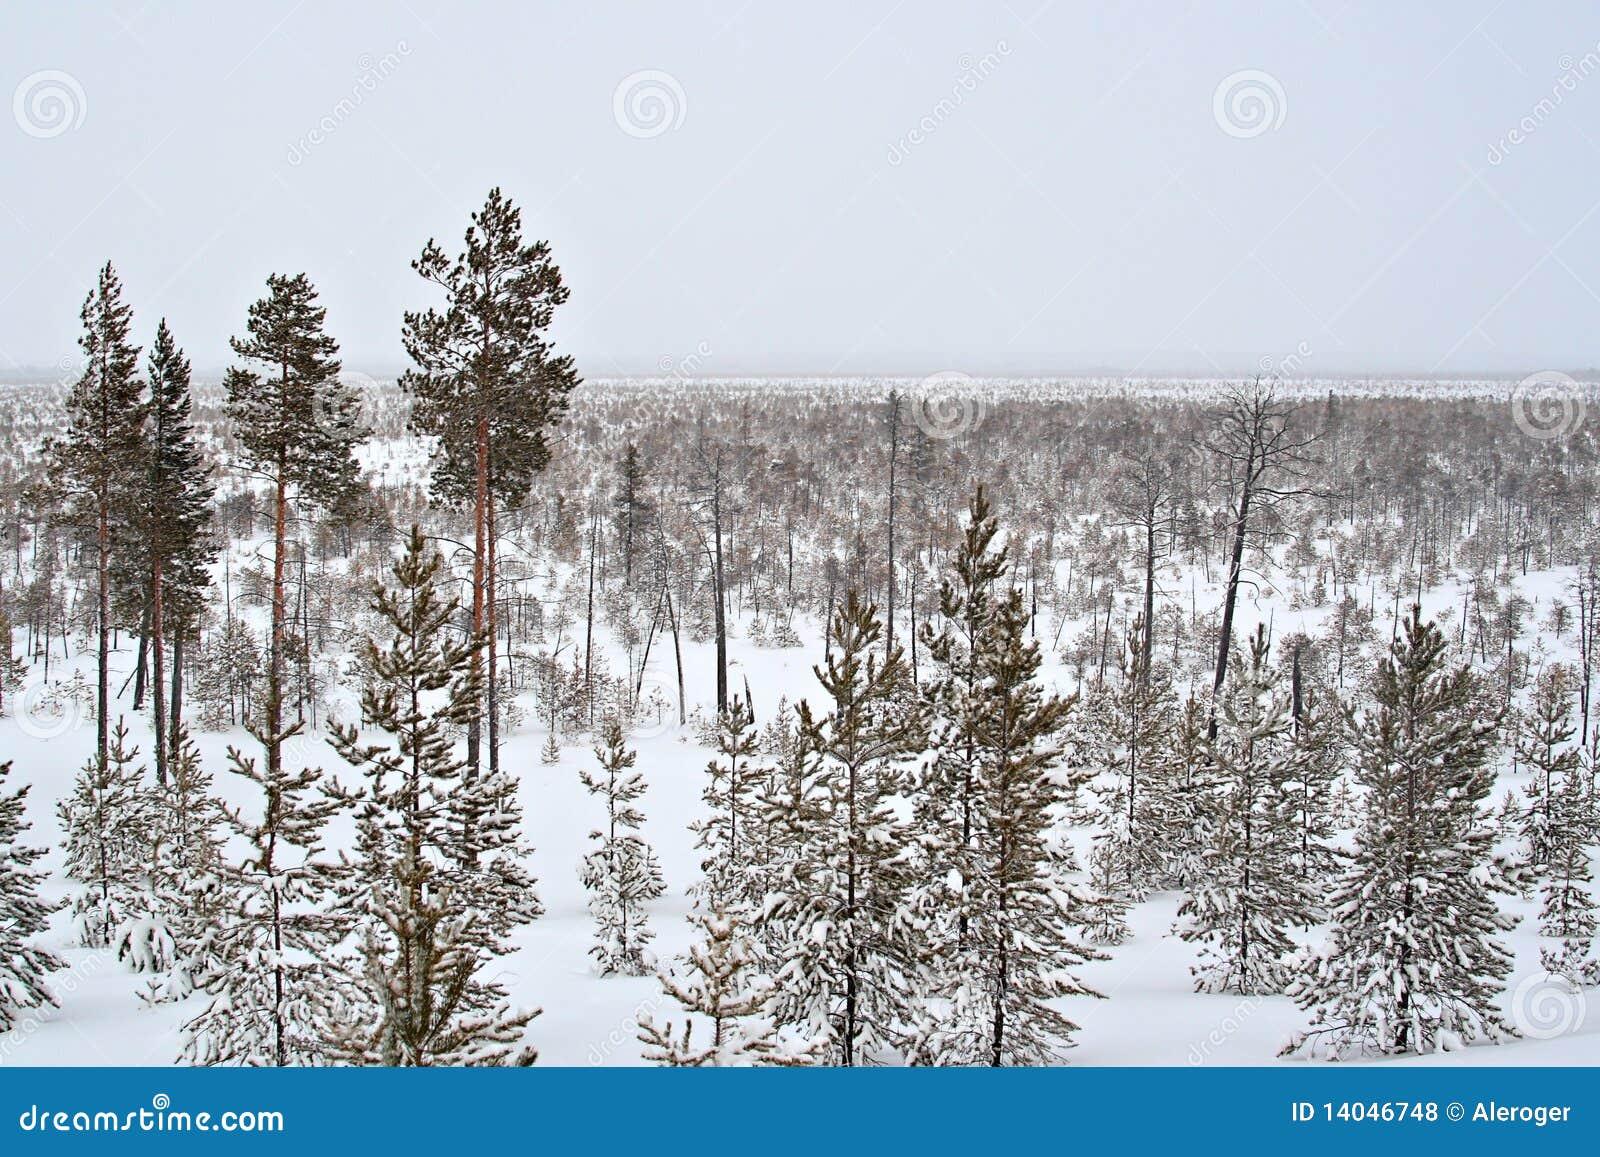 wilderness wallpaper winter nature